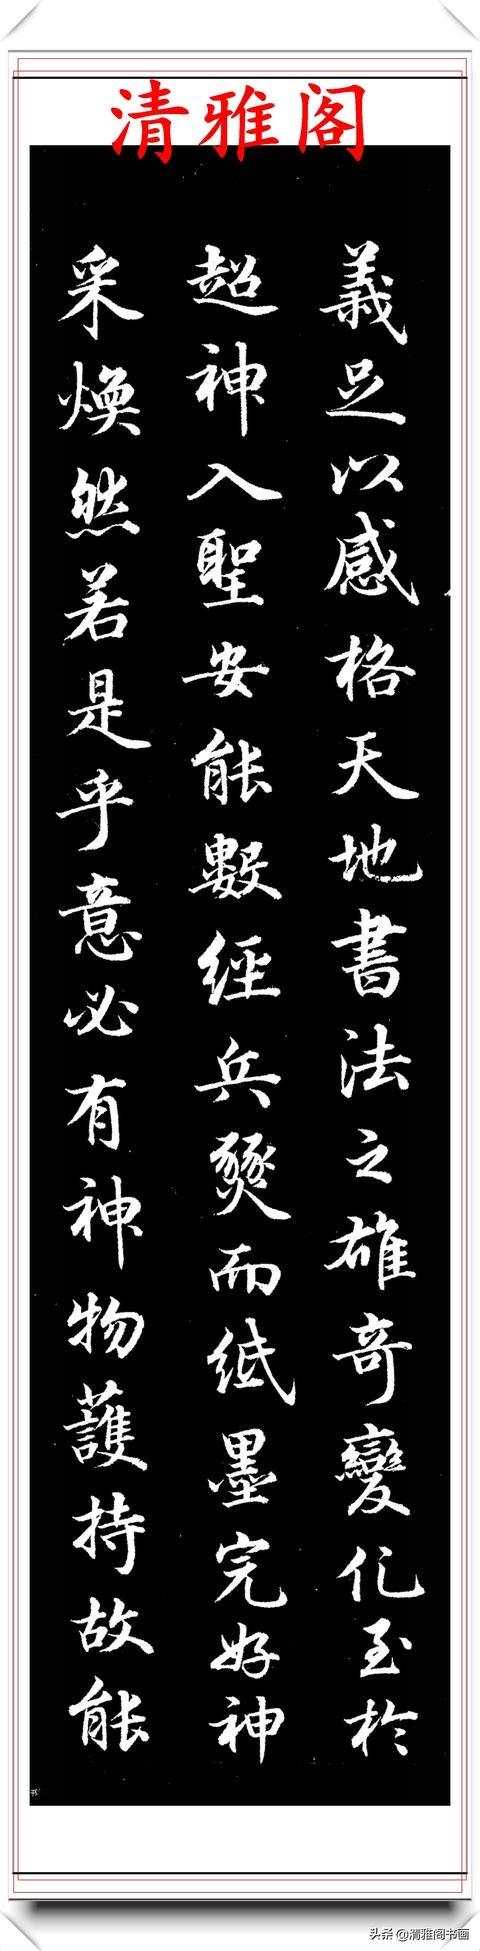 清代武英殿大學士王頊齡,行書作品欣賞,筆法雋秀老辣,真書法也 - 清雅閣書畫